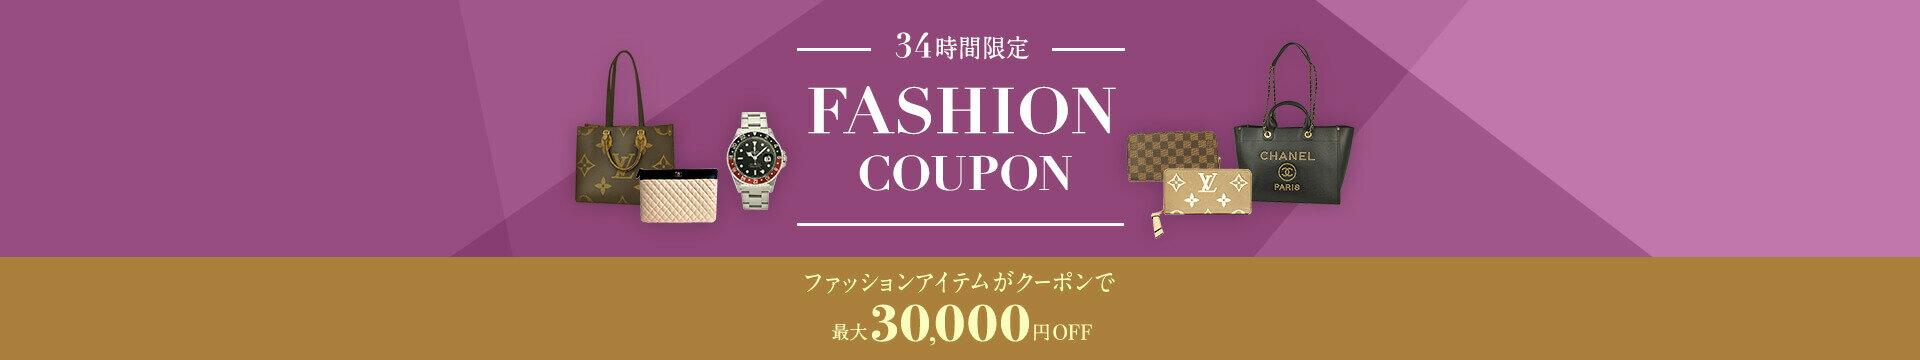 FASHION COUPON ファッションアイテムがクーポンで最大30,000円OFF